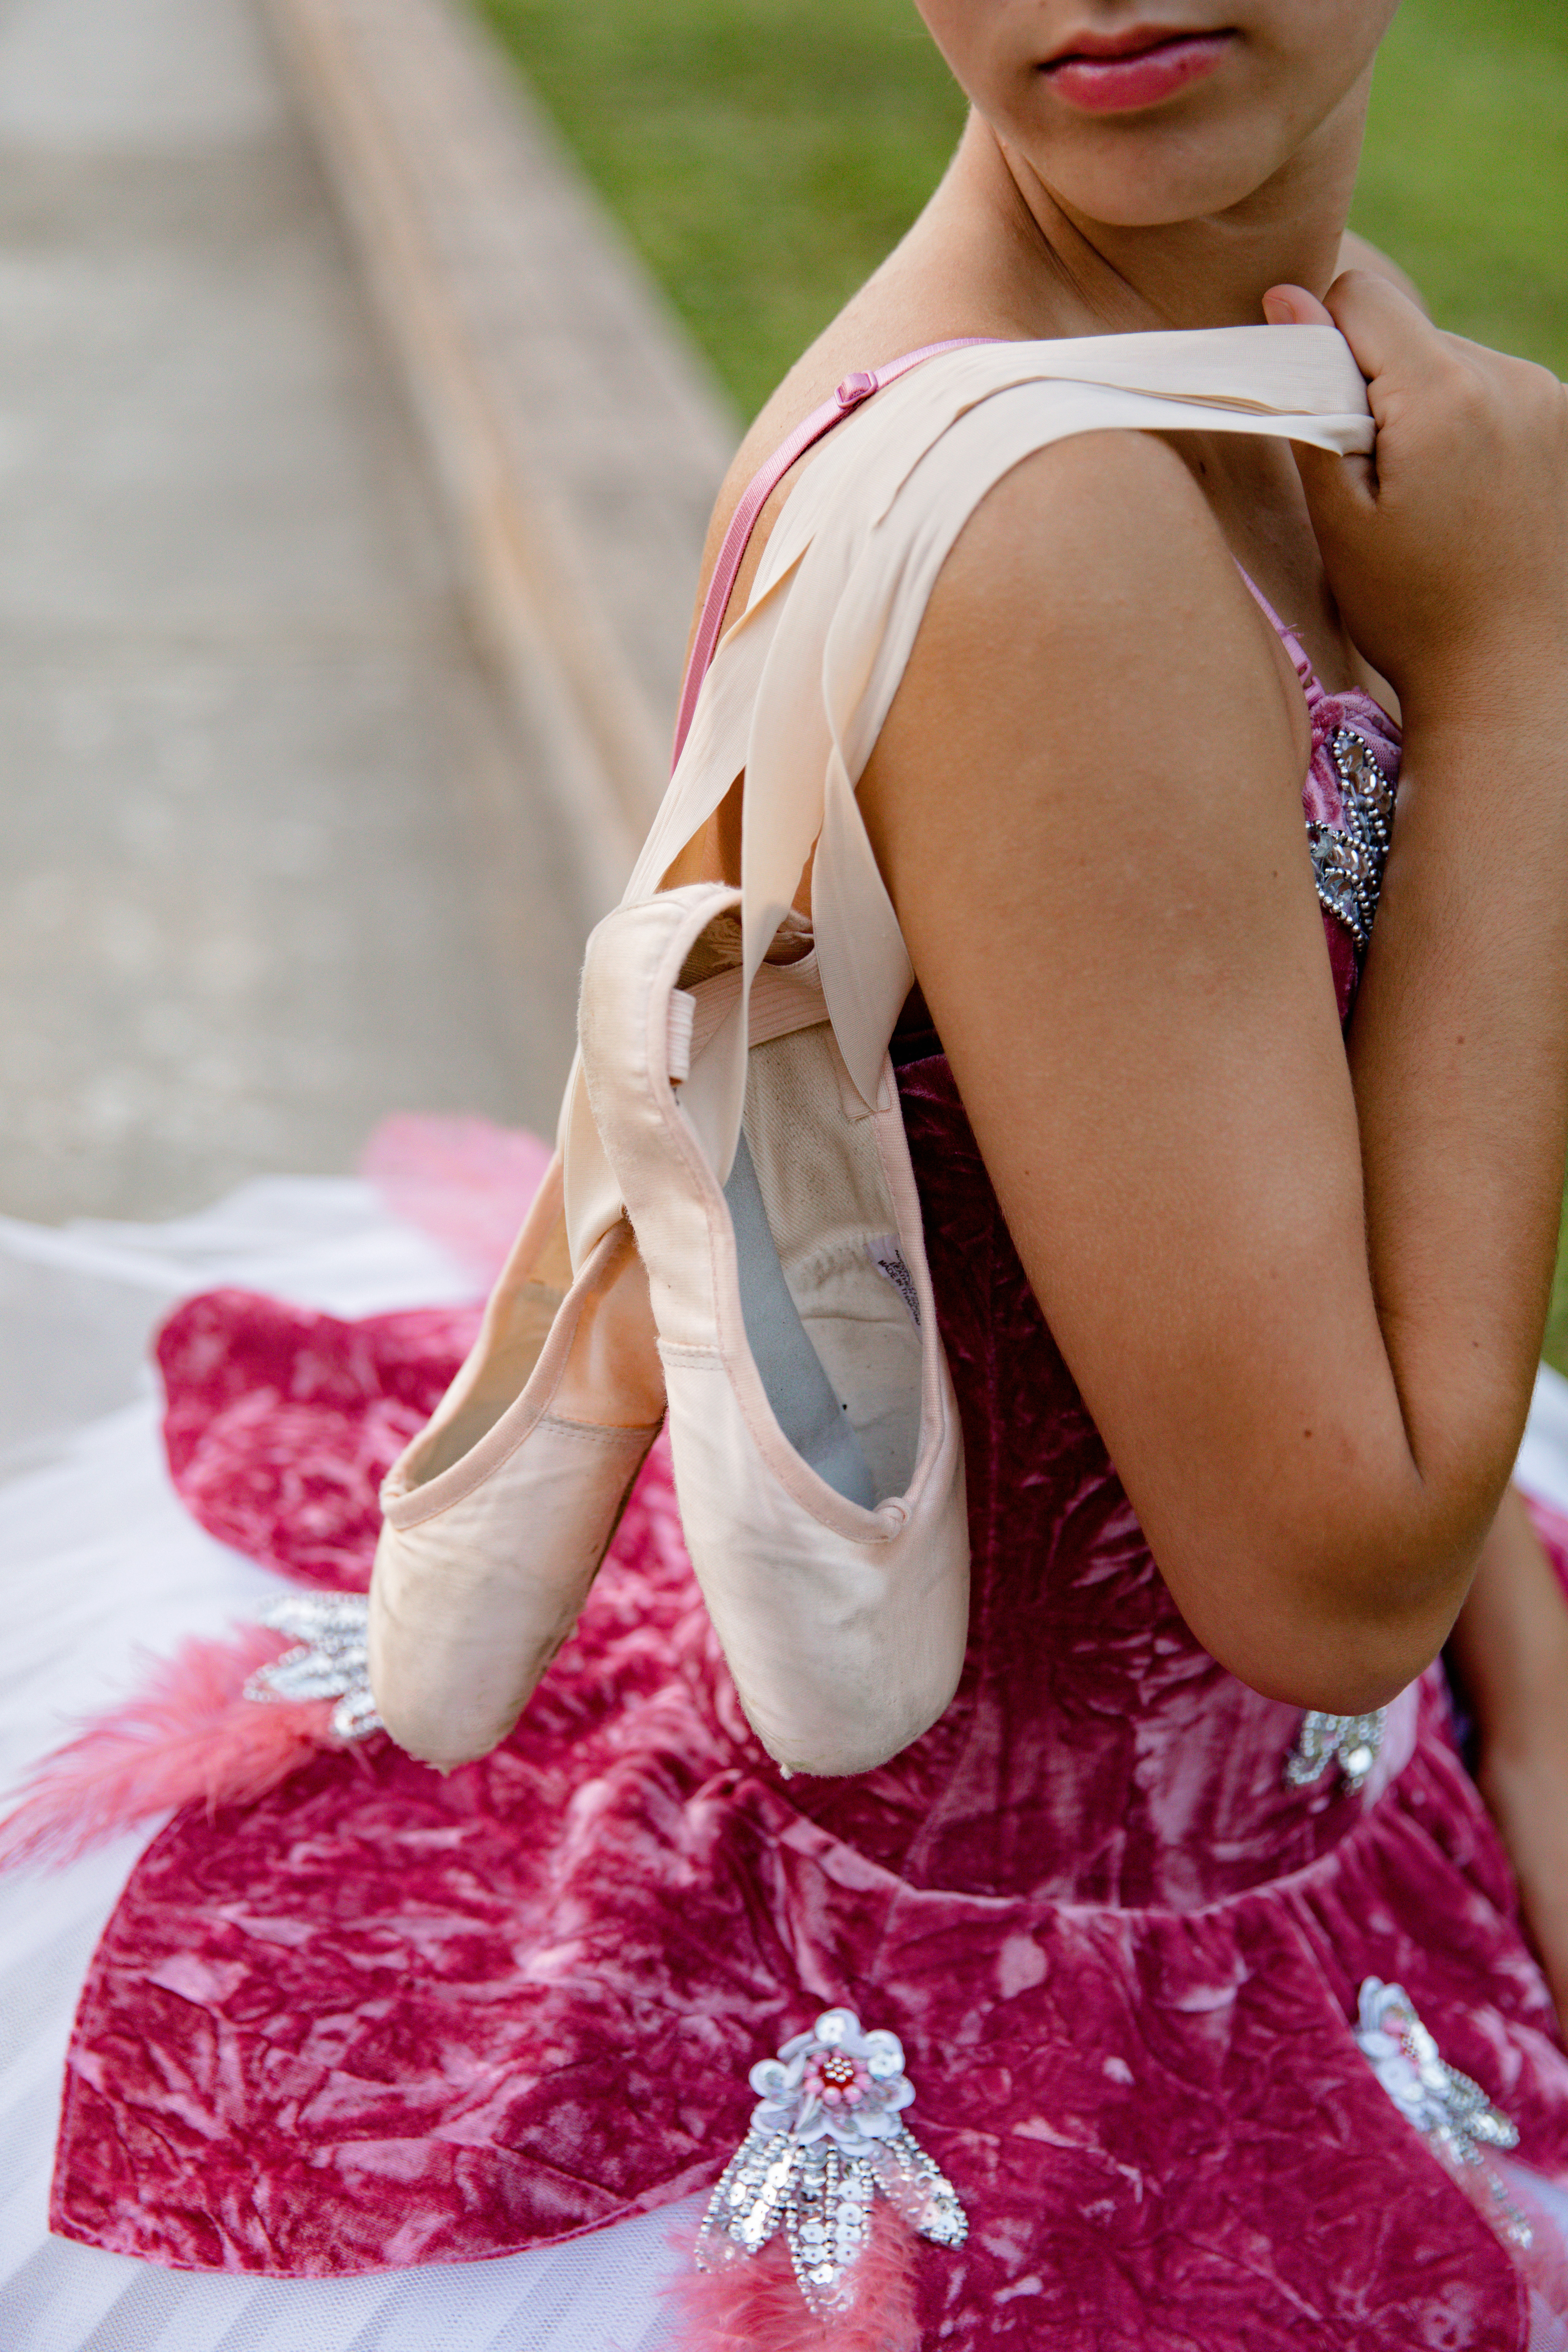 Ballerinas-19290